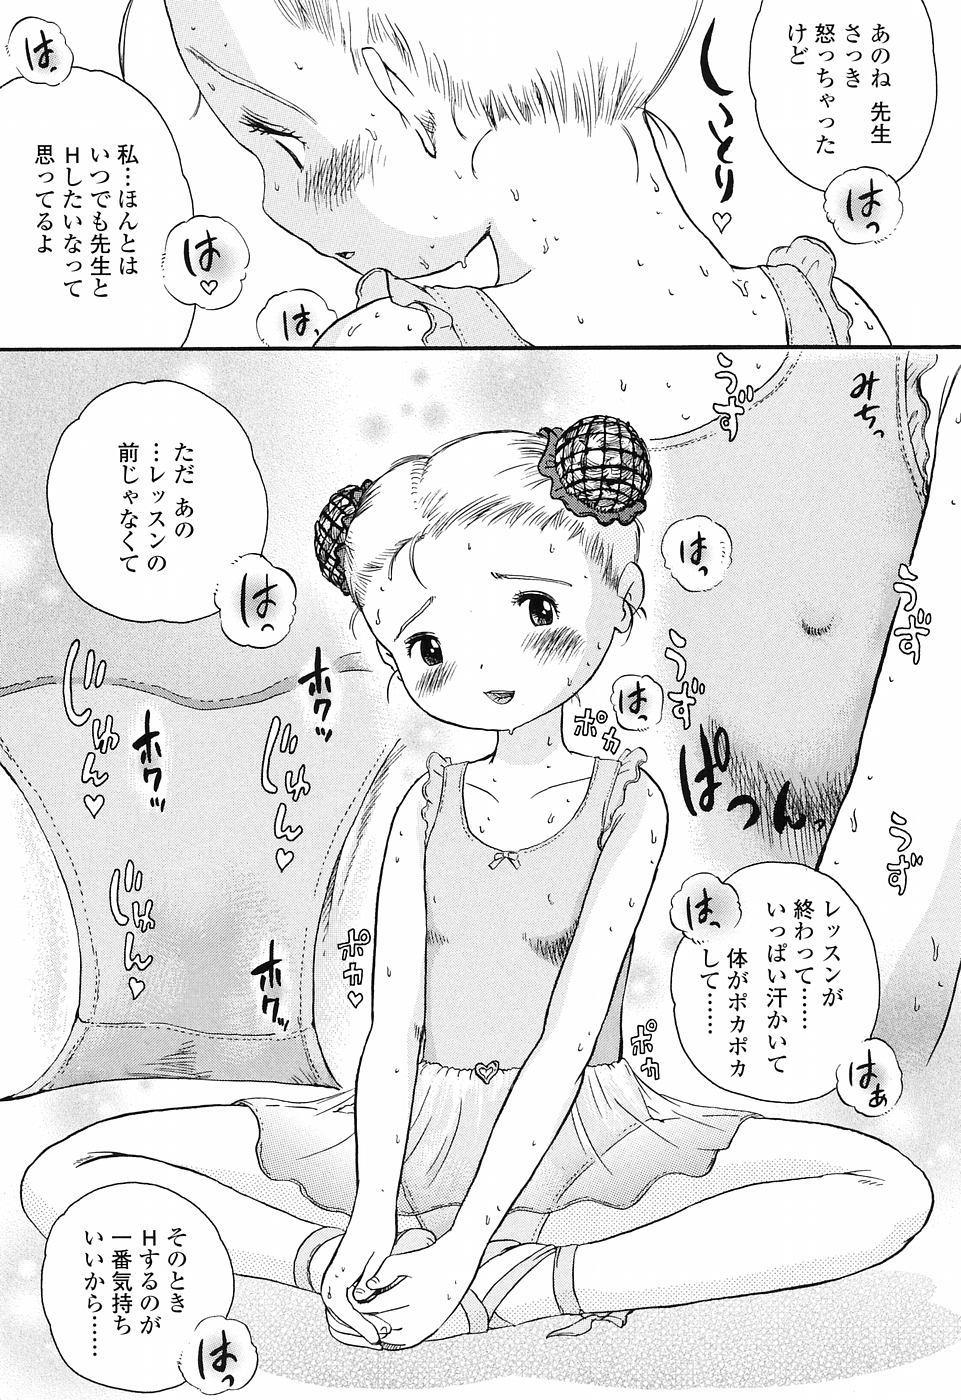 Koisuru Fukurami 38